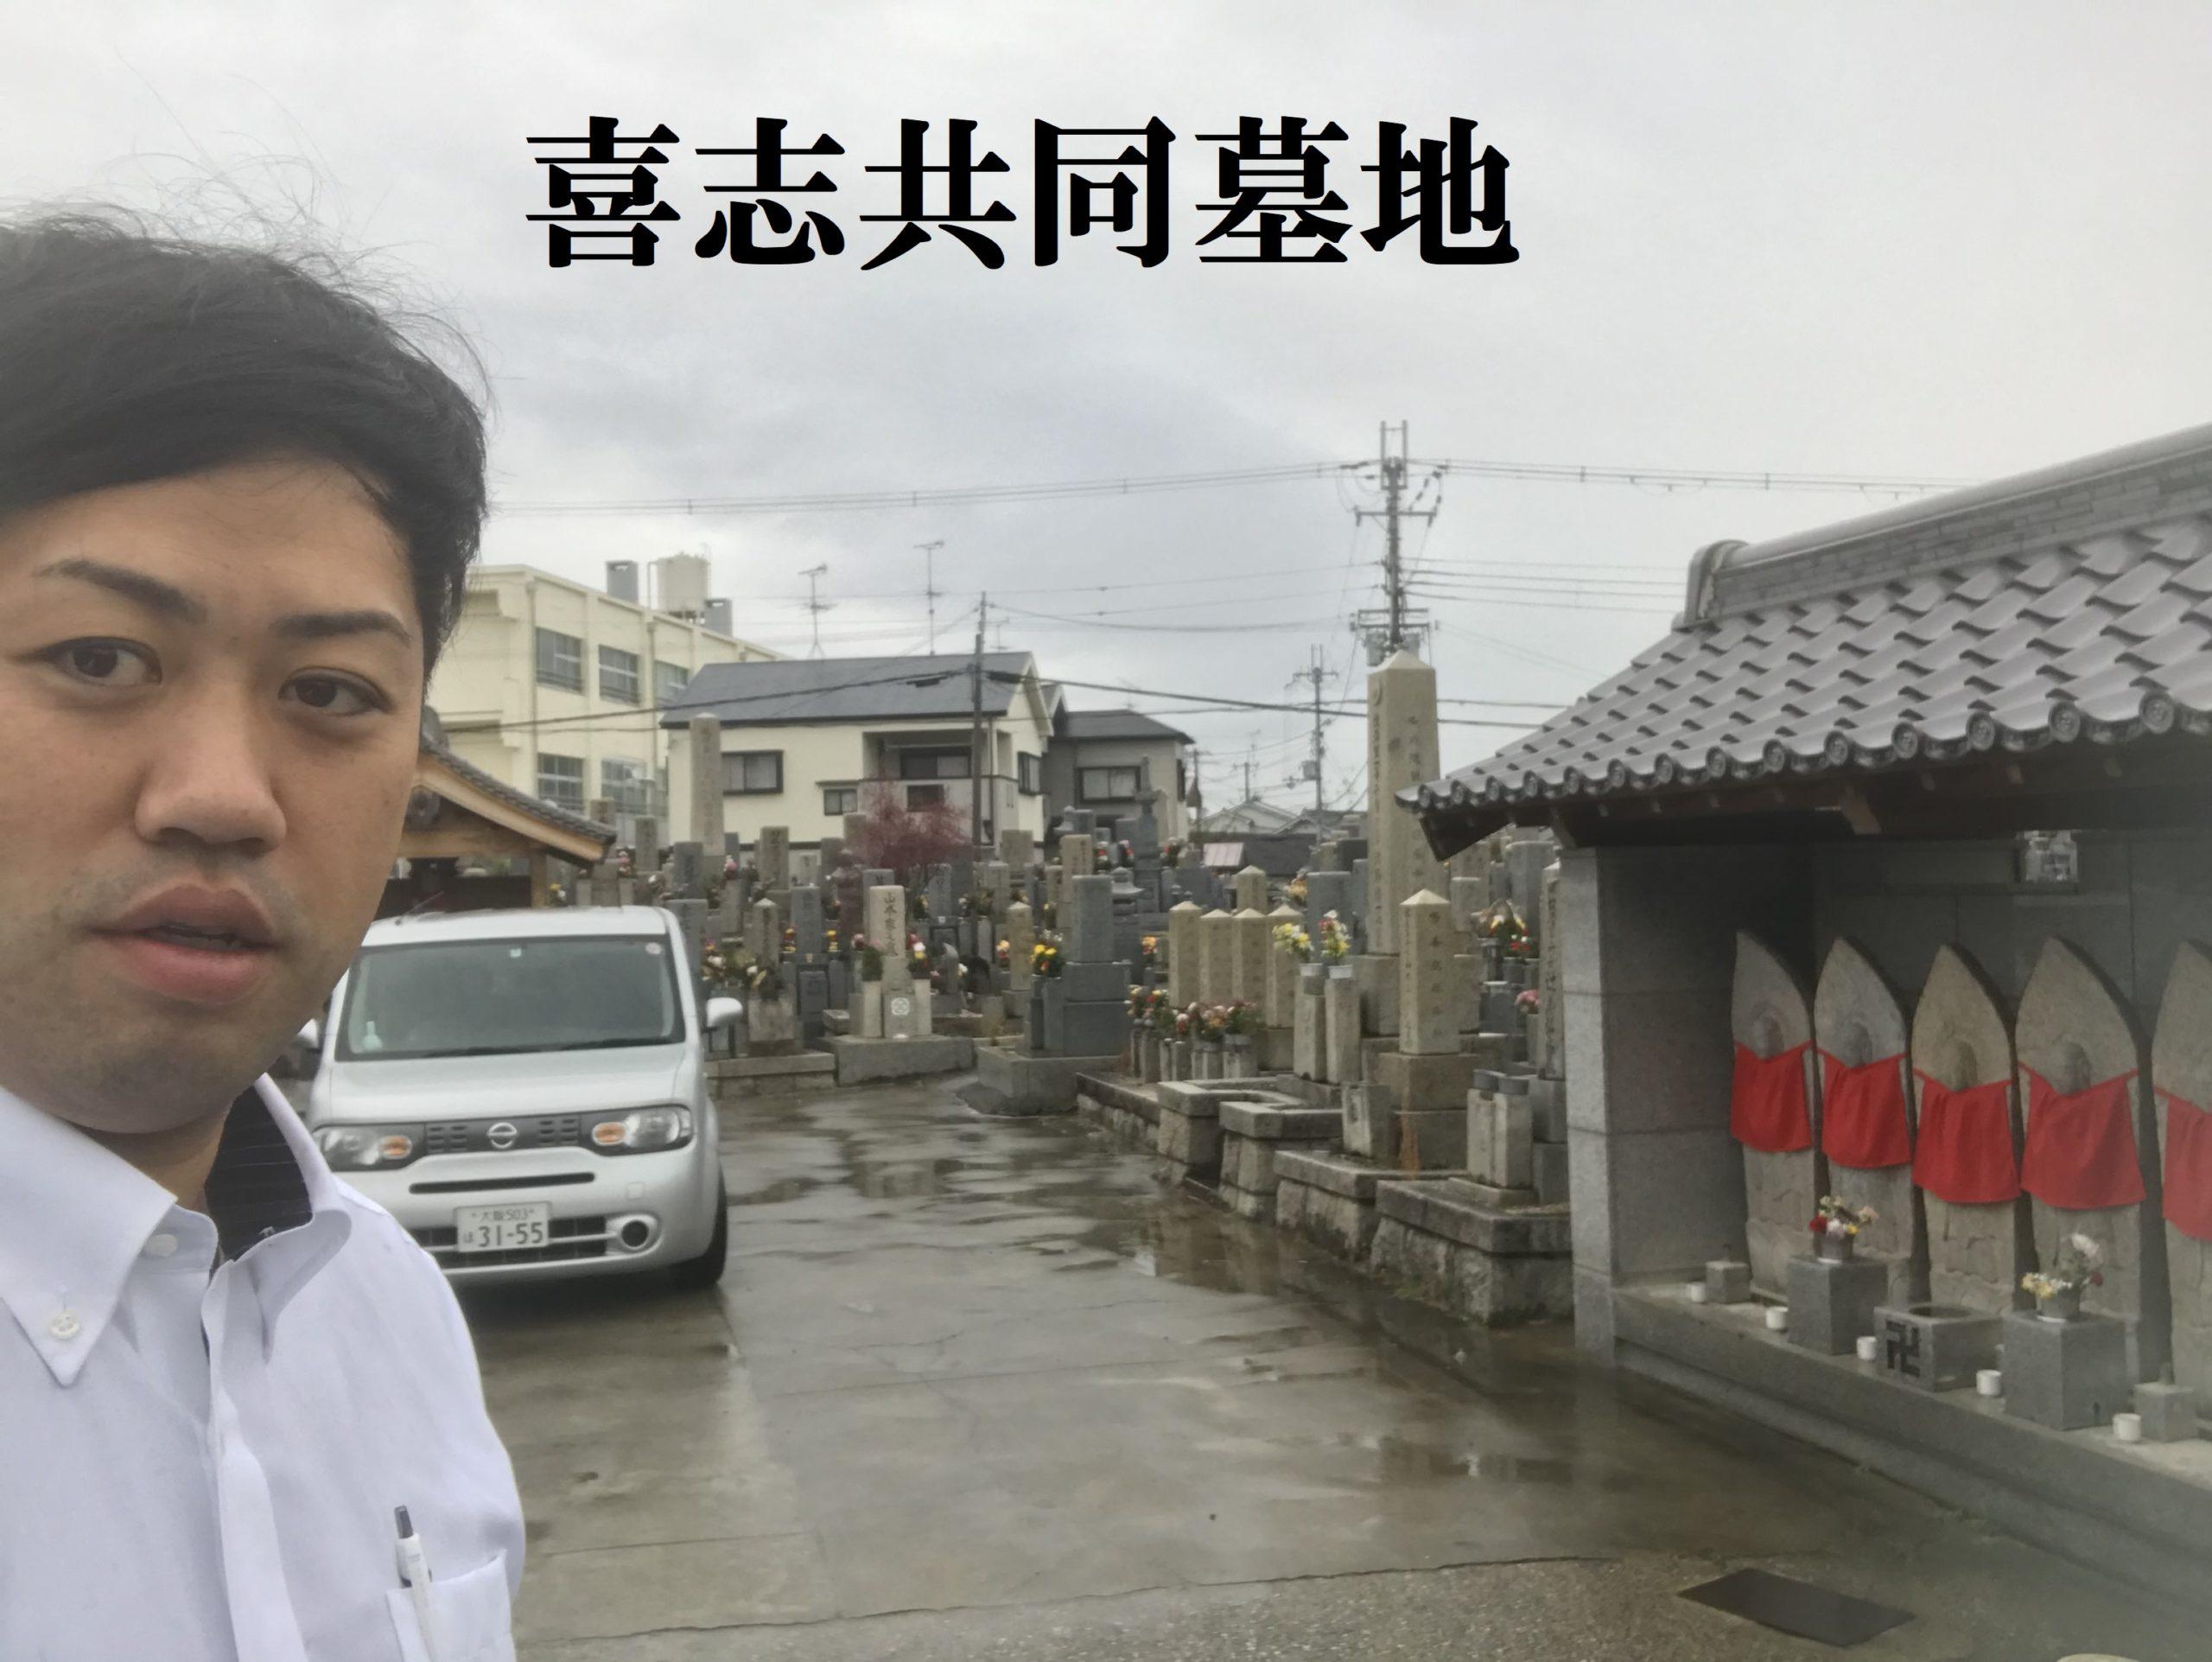 喜志共同墓地(富田林市)のお墓